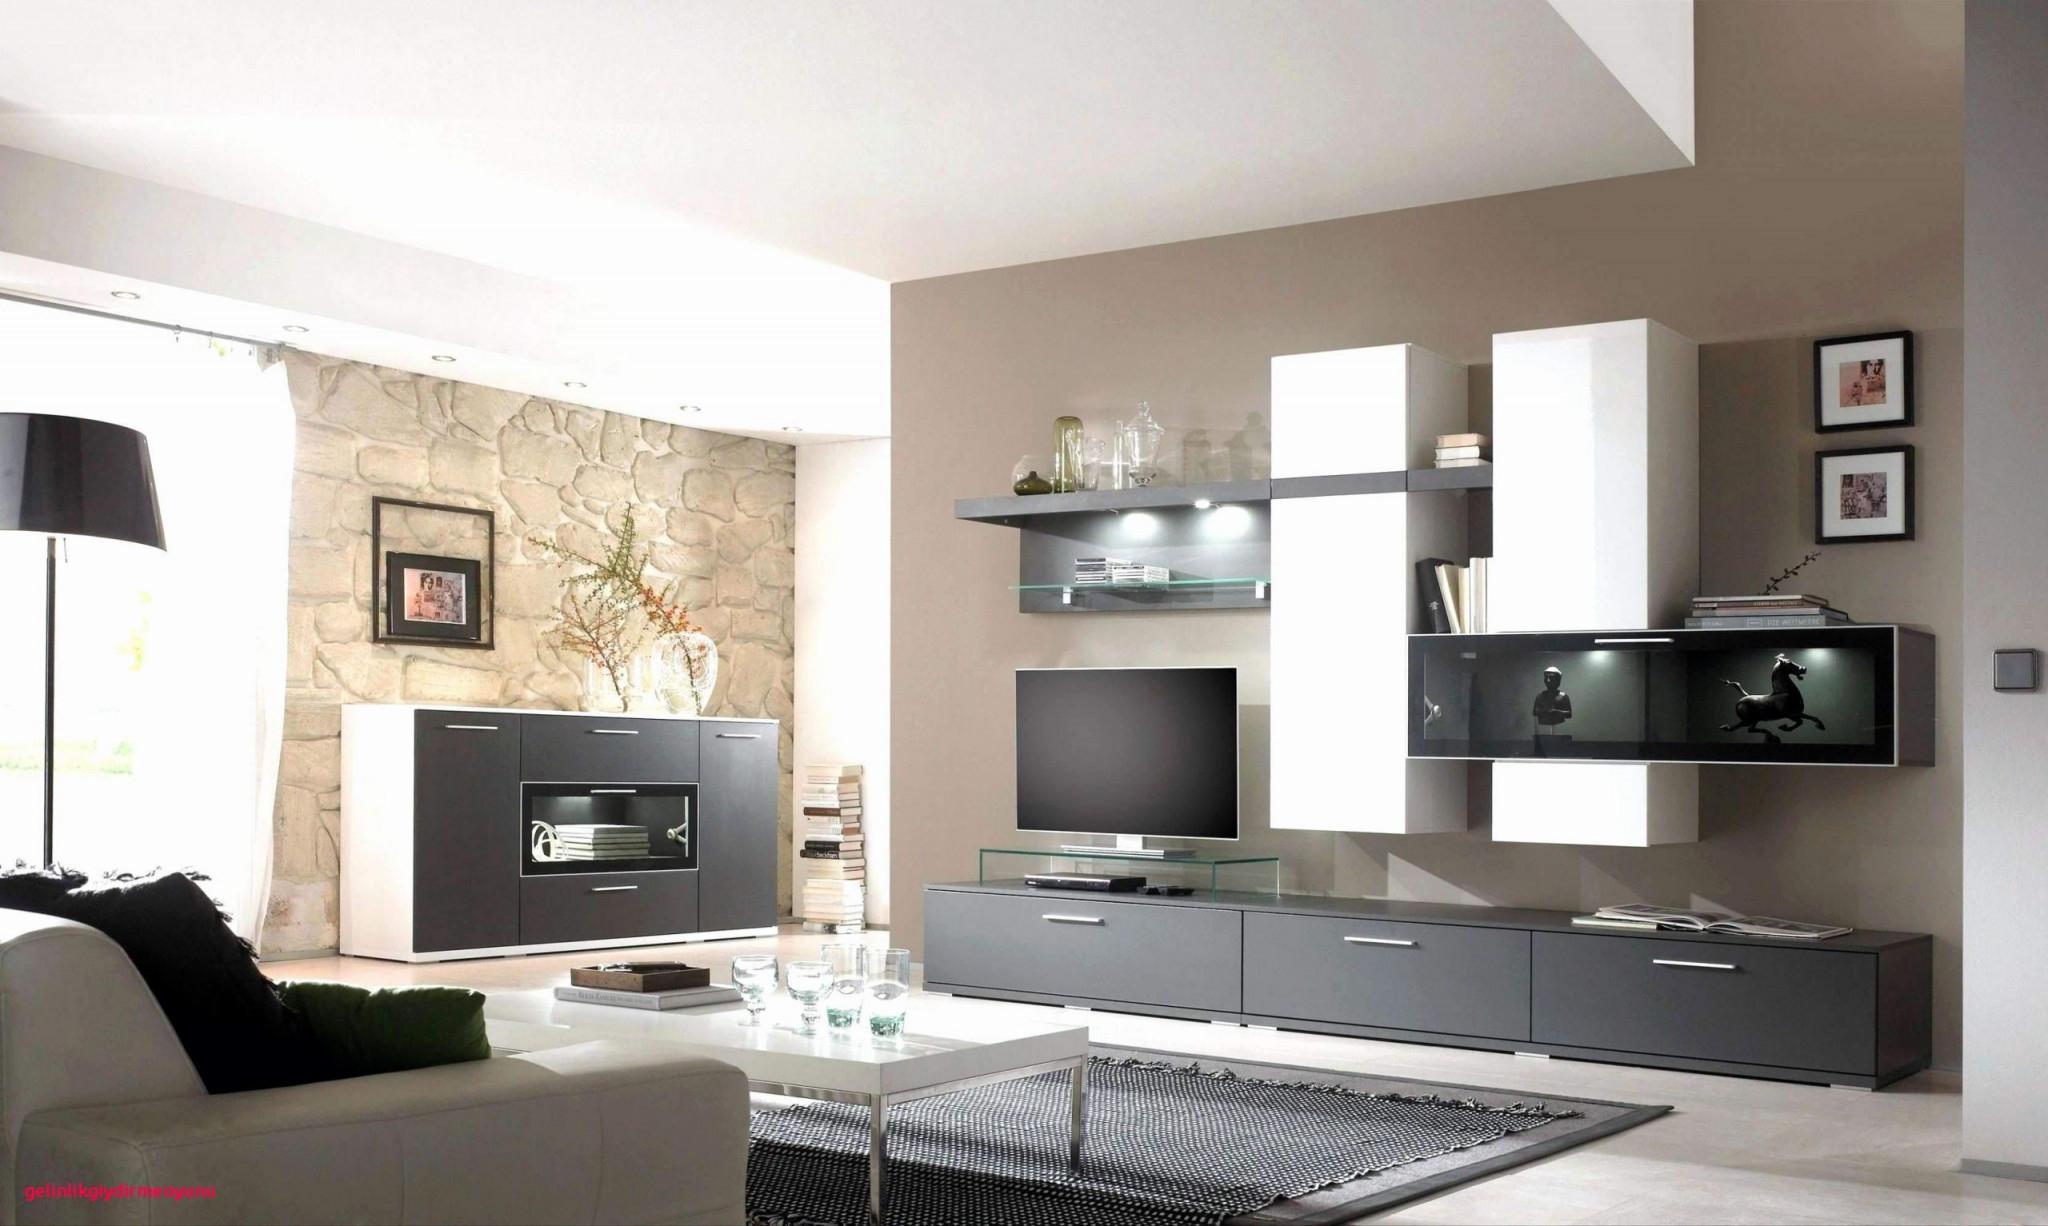 Einrichten Wohnzimmer Schön Wohnzimmer Frisch Einrichtung von Wohnzimmer Schön Einrichten Photo